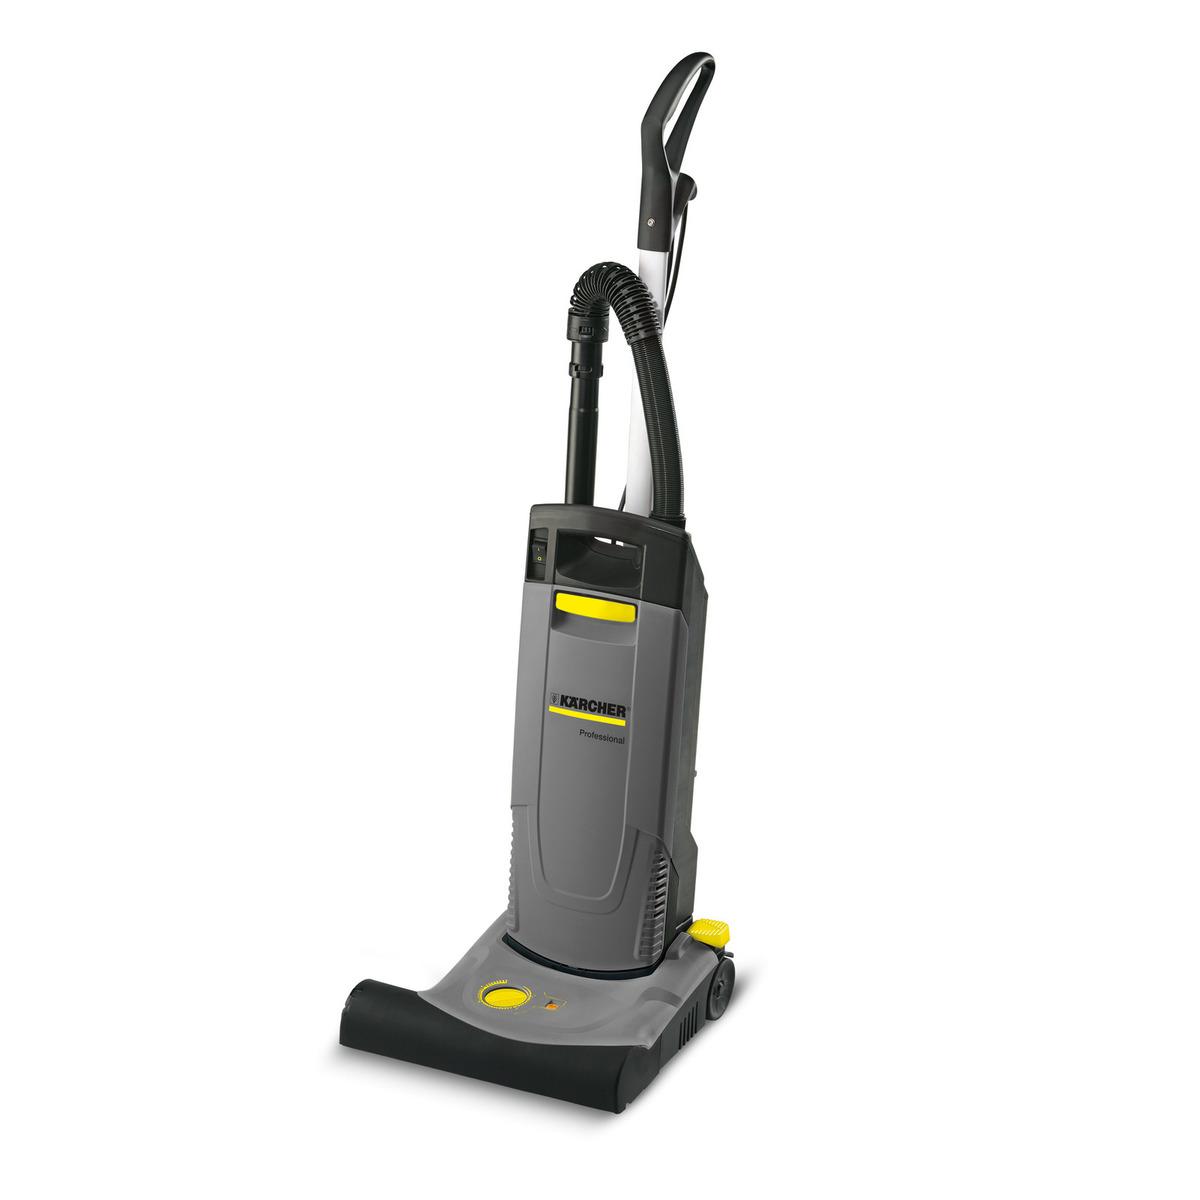 Karcher CV 38/2 Upright Vacuum Cleaner